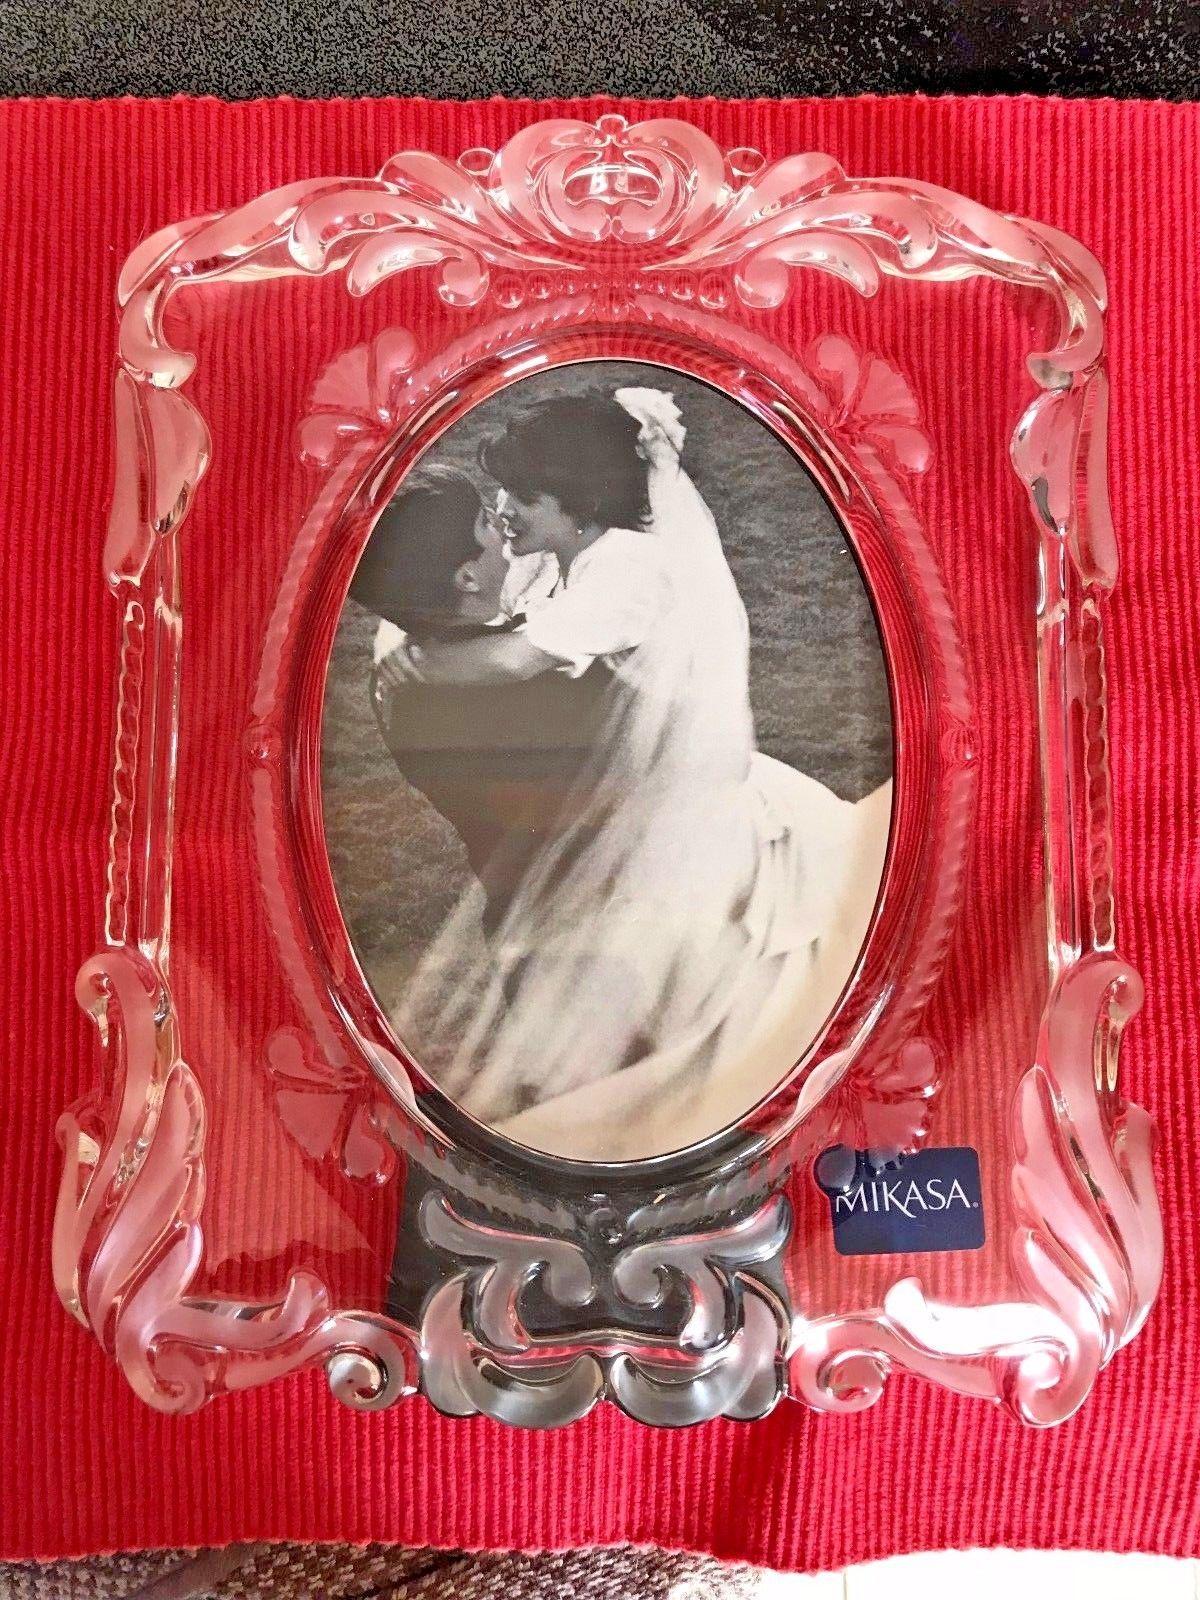 NWOB LARGE MIKASA PRINCESS GLASS PHOTO PICTURE FRAME SA 751-829 ...